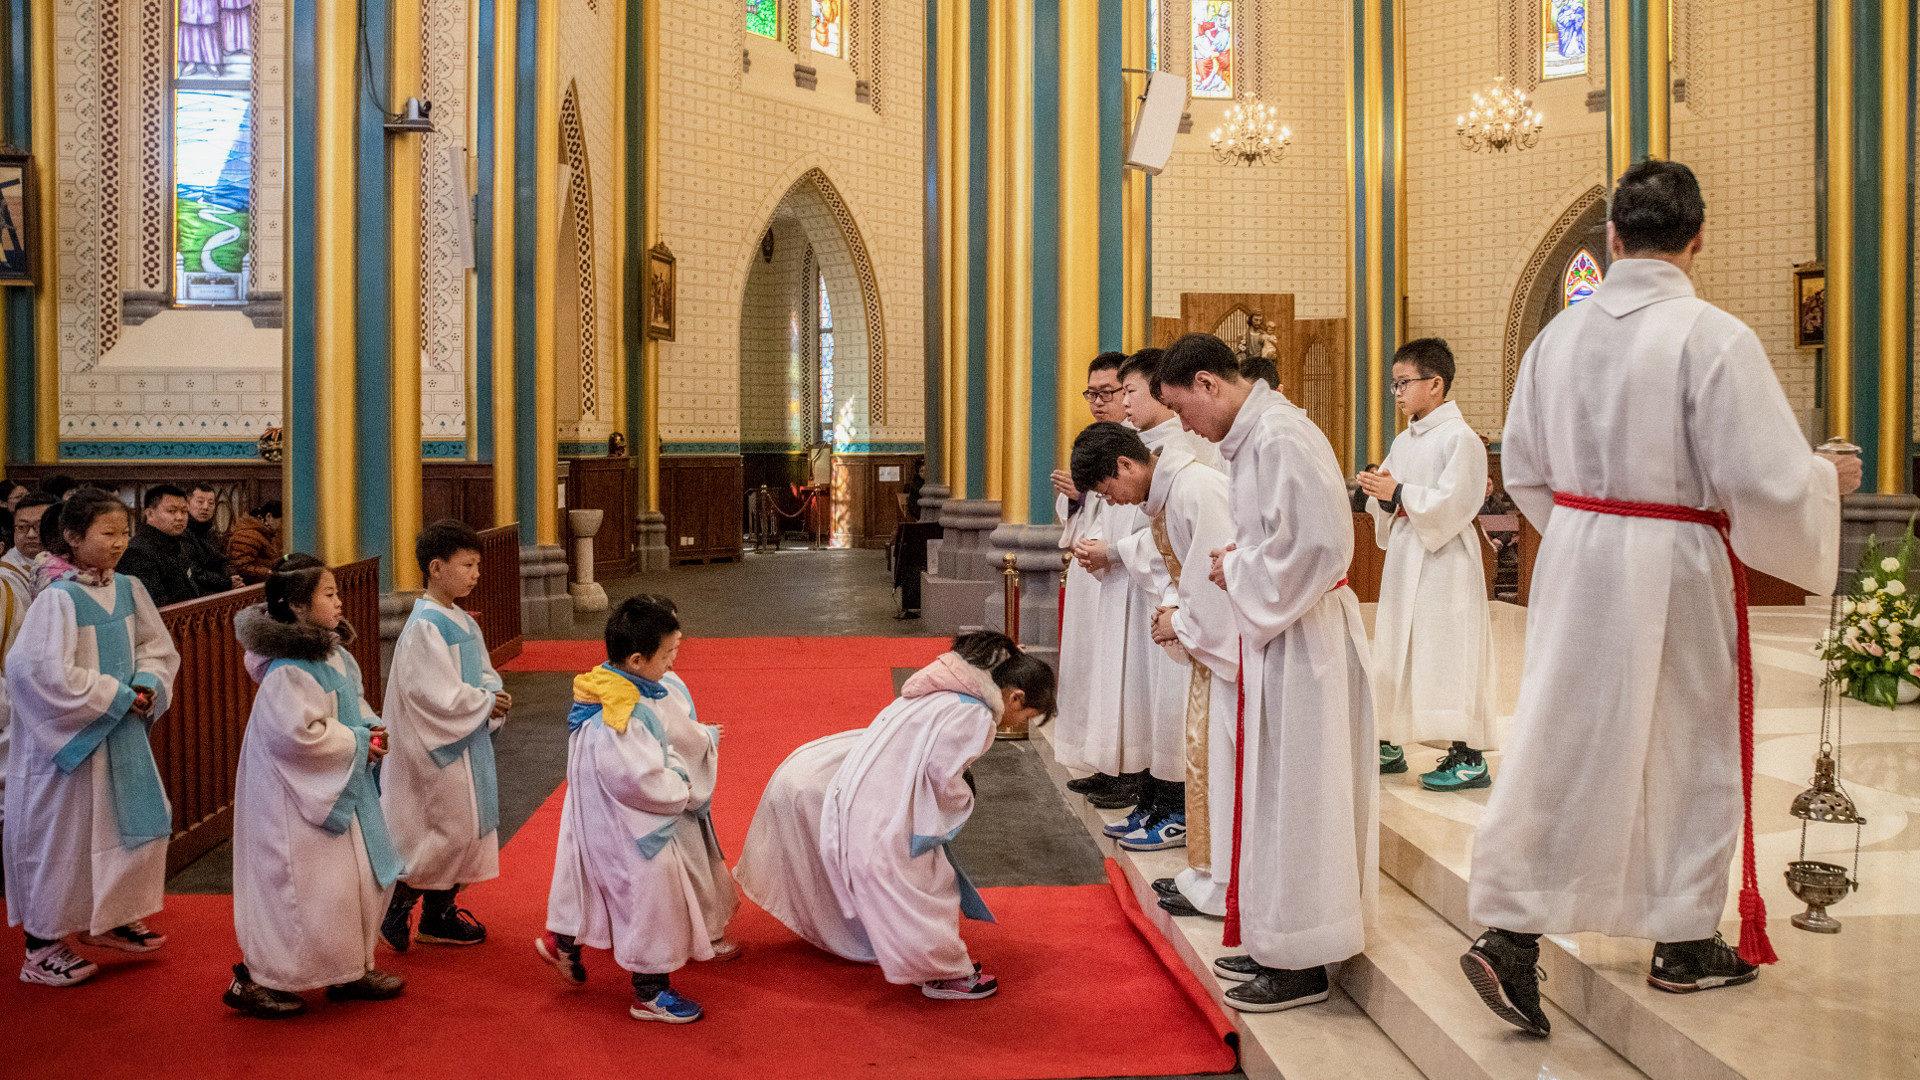 Kinder verbeugen sich vor dem Priester während einer Messe  in Peking.   © KNA